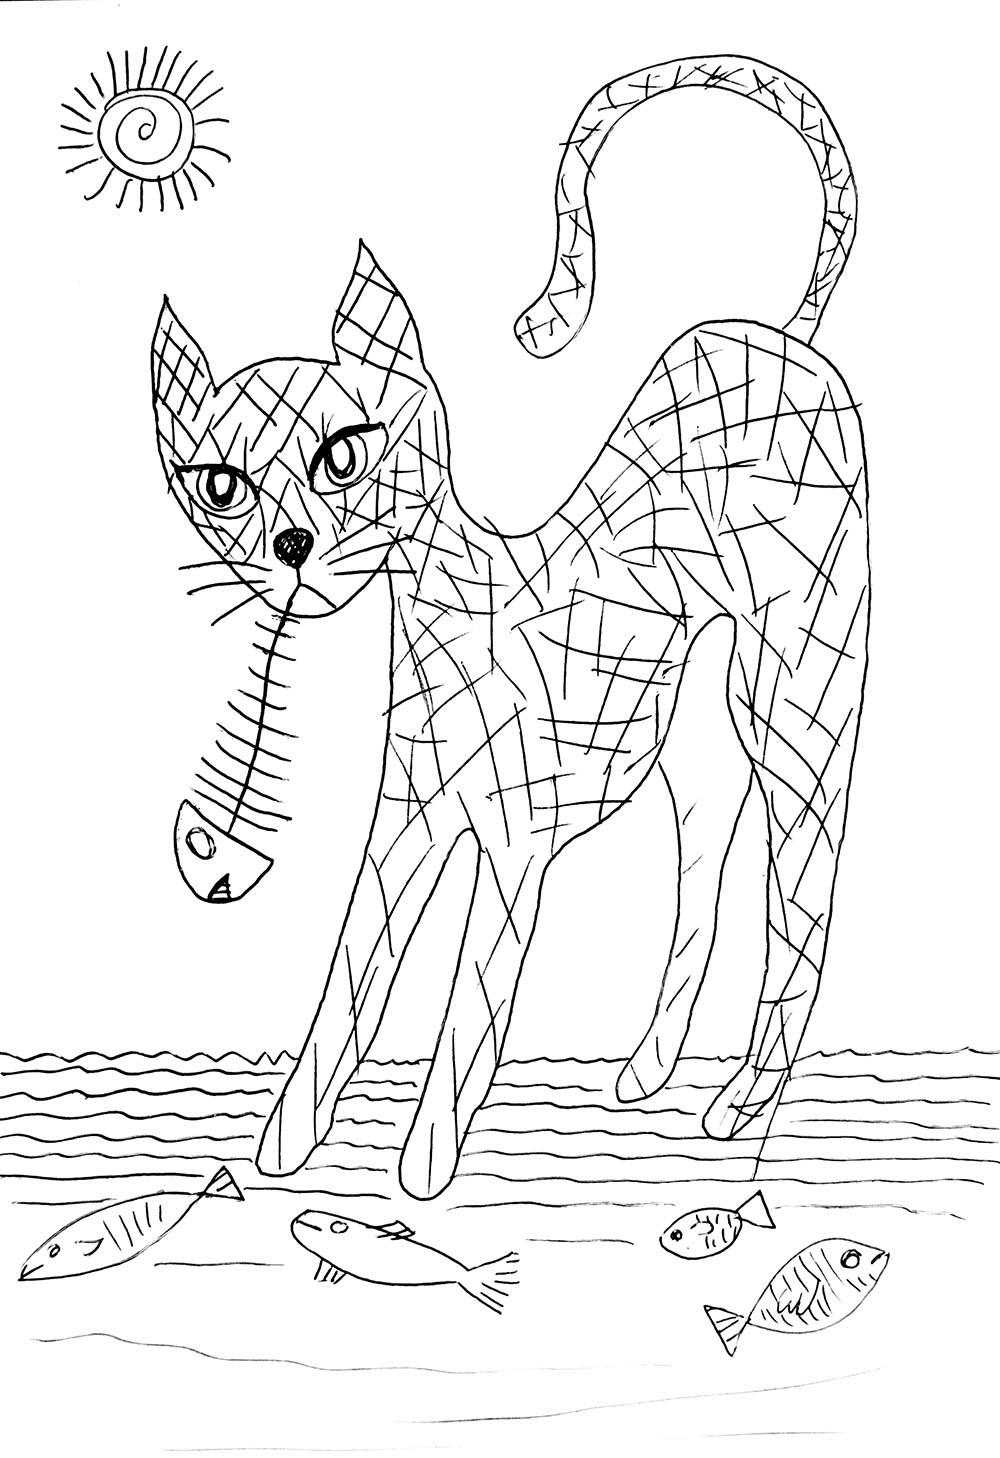 Ilustración gratis - El gato espabilao